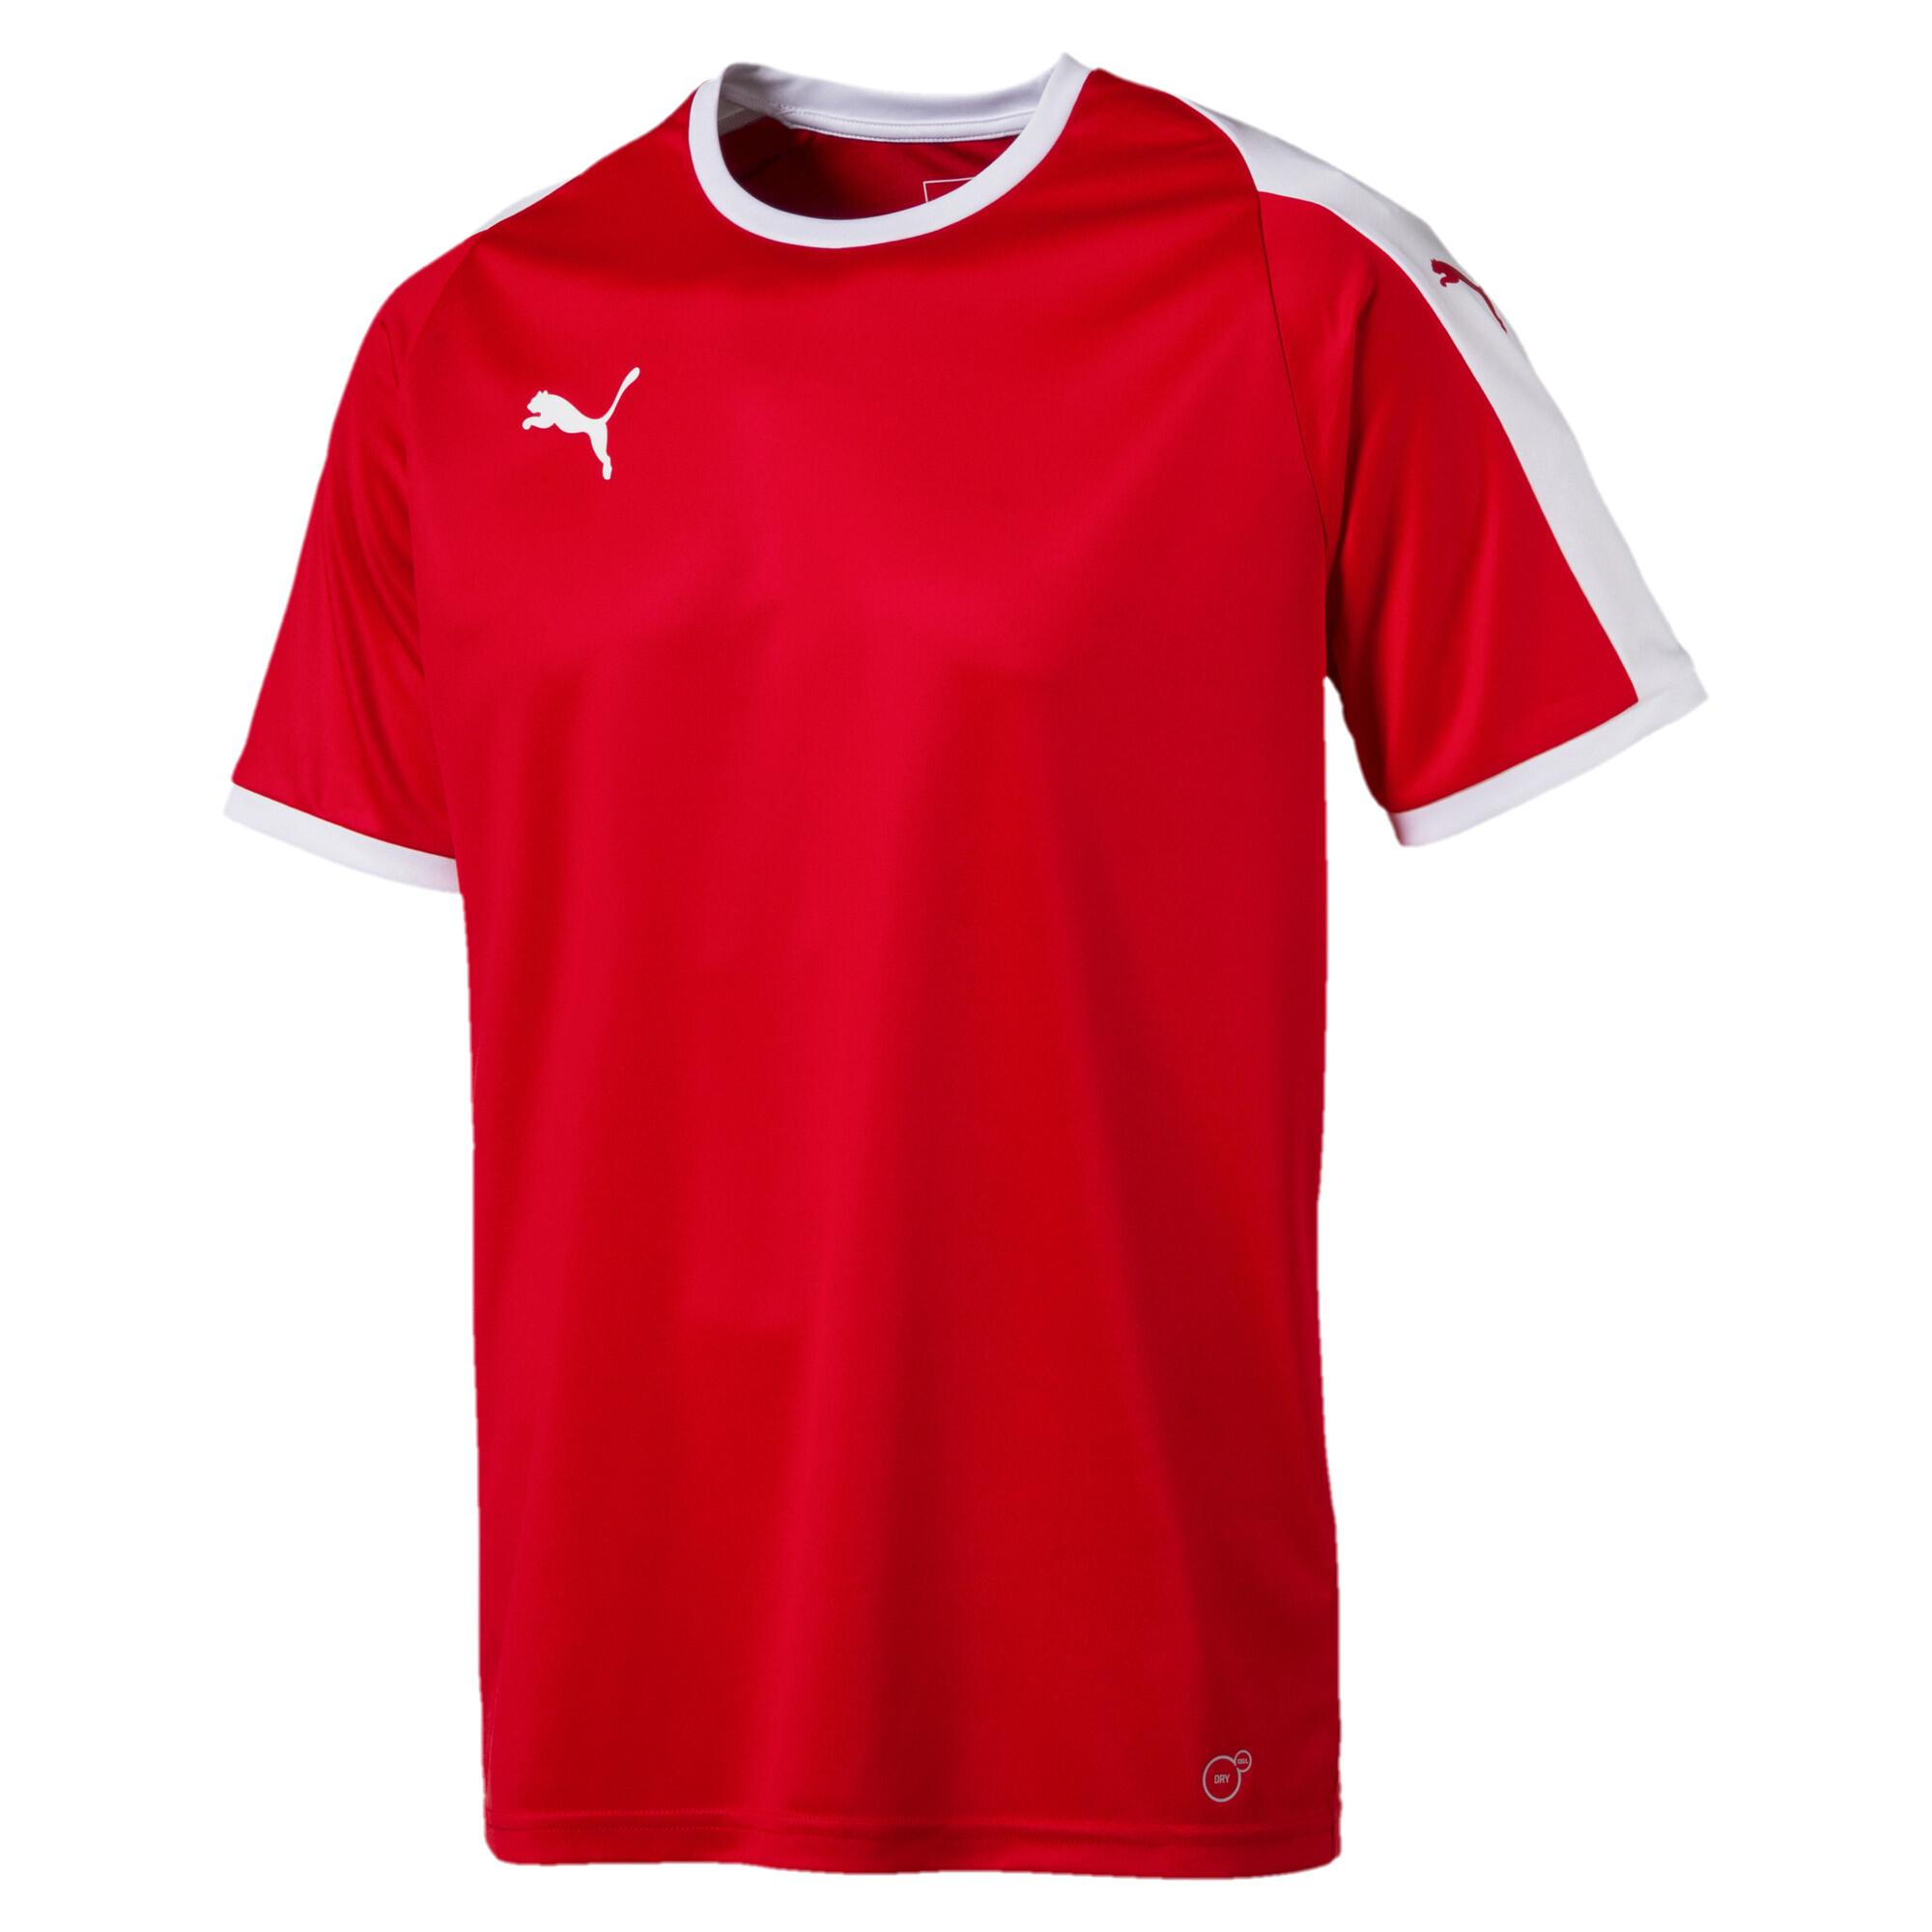 【プーマ公式通販】 プーマ LIGA ゲームシャツ メンズ Puma Red-Puma White |PUMA.com